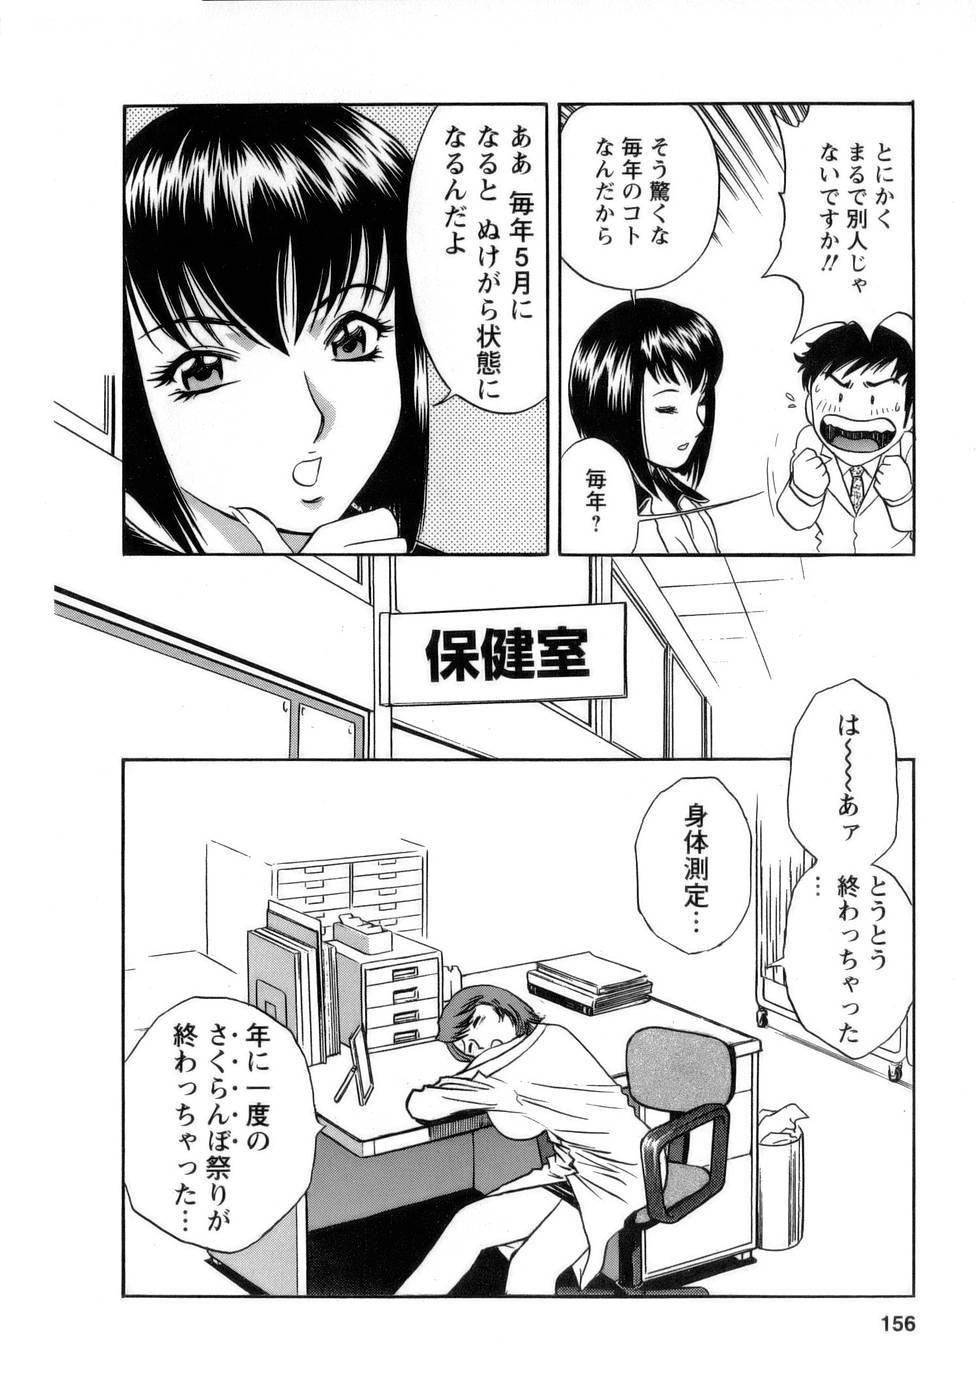 [Hidemaru] Mo-Retsu! Boin Sensei (Boing Boing Teacher) Vol.1 155